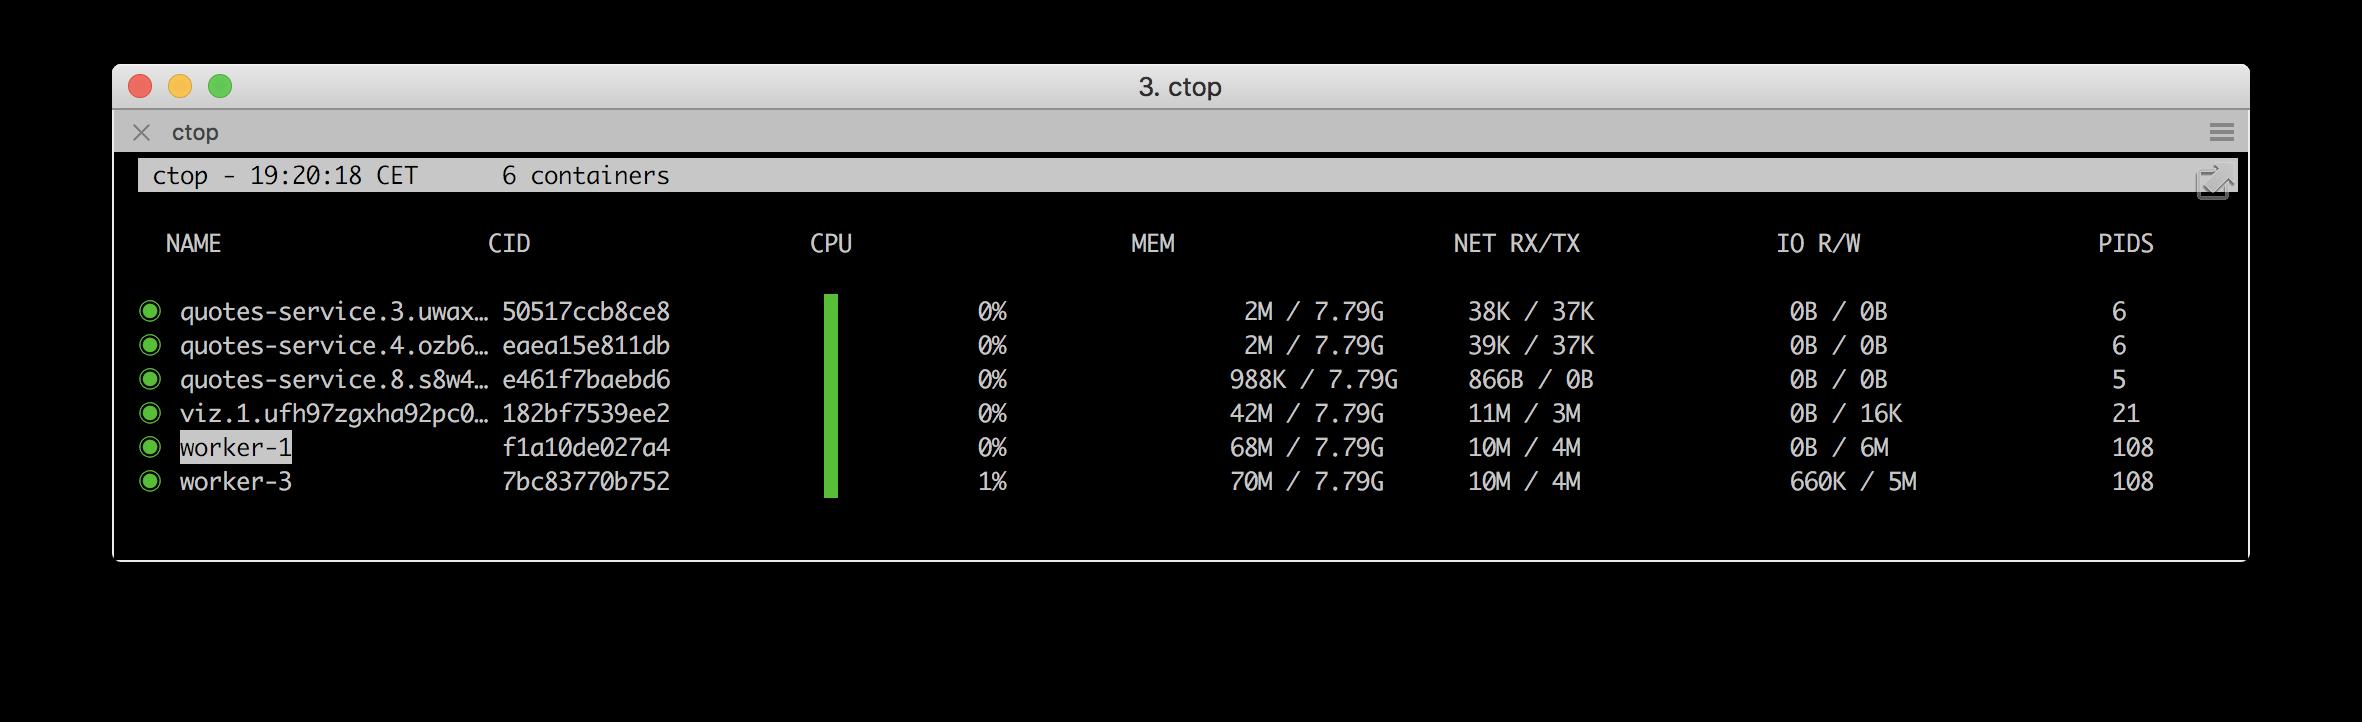 Setting up a Docker Swarm cluster using Docker in Docker   Callista